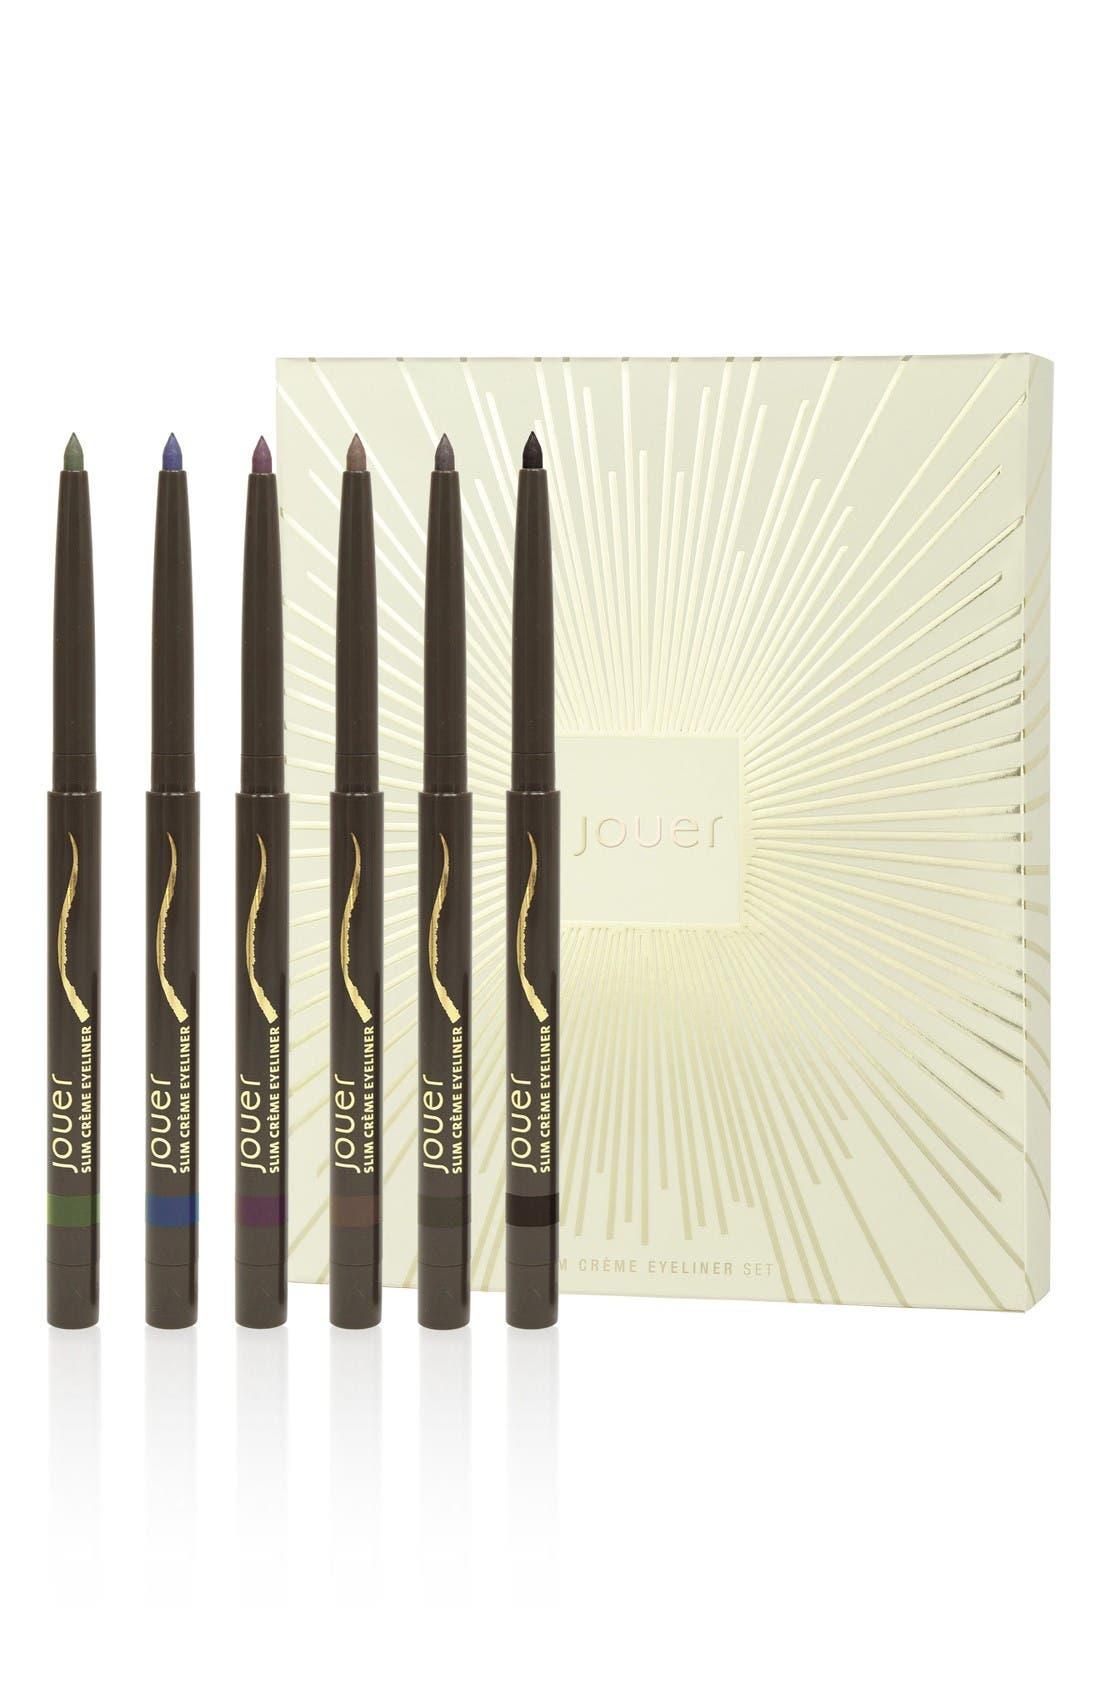 Jouer Slim Crème Eyeliner Set (Limited Edition) ($108 Value)